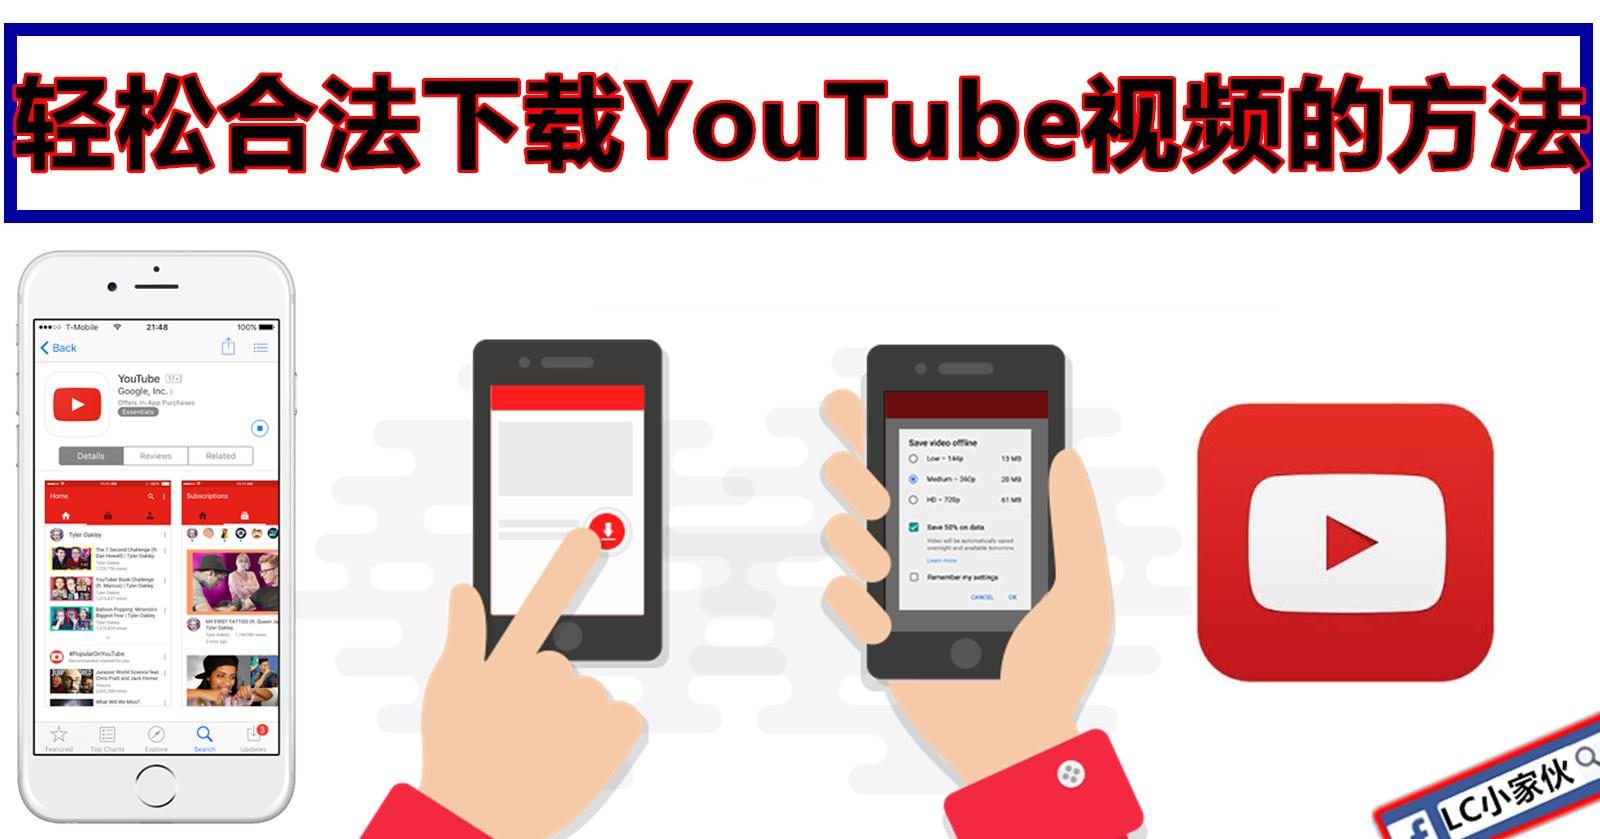 使用手機下載Youtube視頻的方法 | LC 小傢伙綜合網